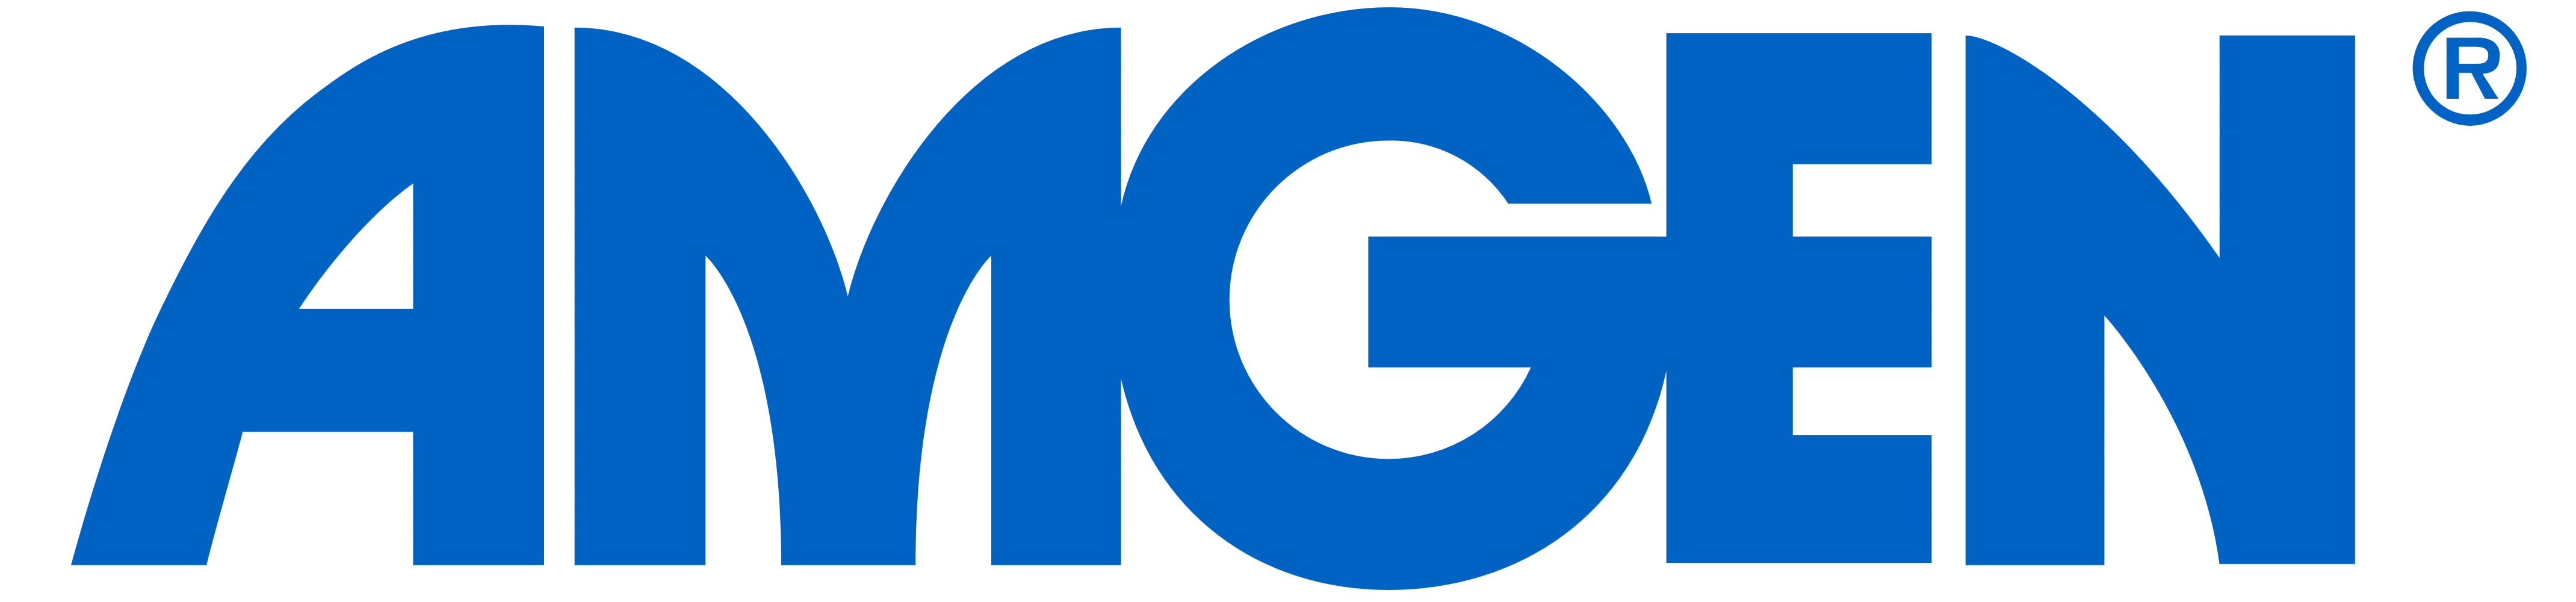 Amgen_logo_logotype.png